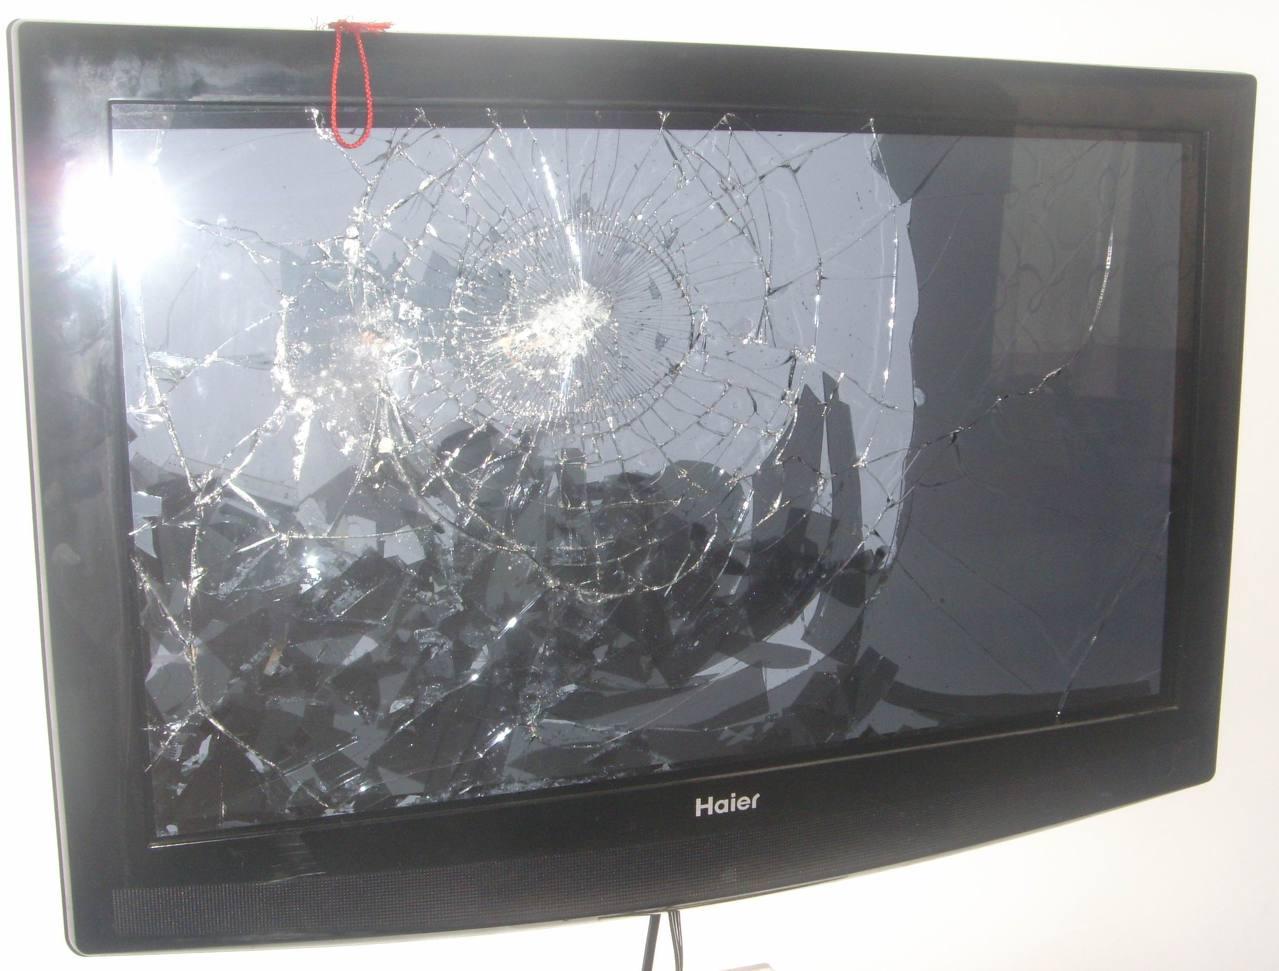 """海尔lcd液晶电视屏不亮怎样维修(图2)  海尔lcd液晶电视屏不亮怎样维修(图5)  海尔lcd液晶电视屏不亮怎样维修(图7)  海尔lcd液晶电视屏不亮怎样维修(图9)  海尔lcd液晶电视屏不亮怎样维修(图11)  海尔lcd液晶电视屏不亮怎样维修(图14) 为了解决用户可能碰到关于""""海尔lcd液晶电视屏不亮怎样维修""""相关的问题,突袭网经过收集整理为用户提供相关的解决办法,请注意,解决办法仅供参考,不代表本网同意其意见,如有任何问题请与本网联系。""""海尔lcd液晶电视屏不亮怎样维修""""相关的详"""